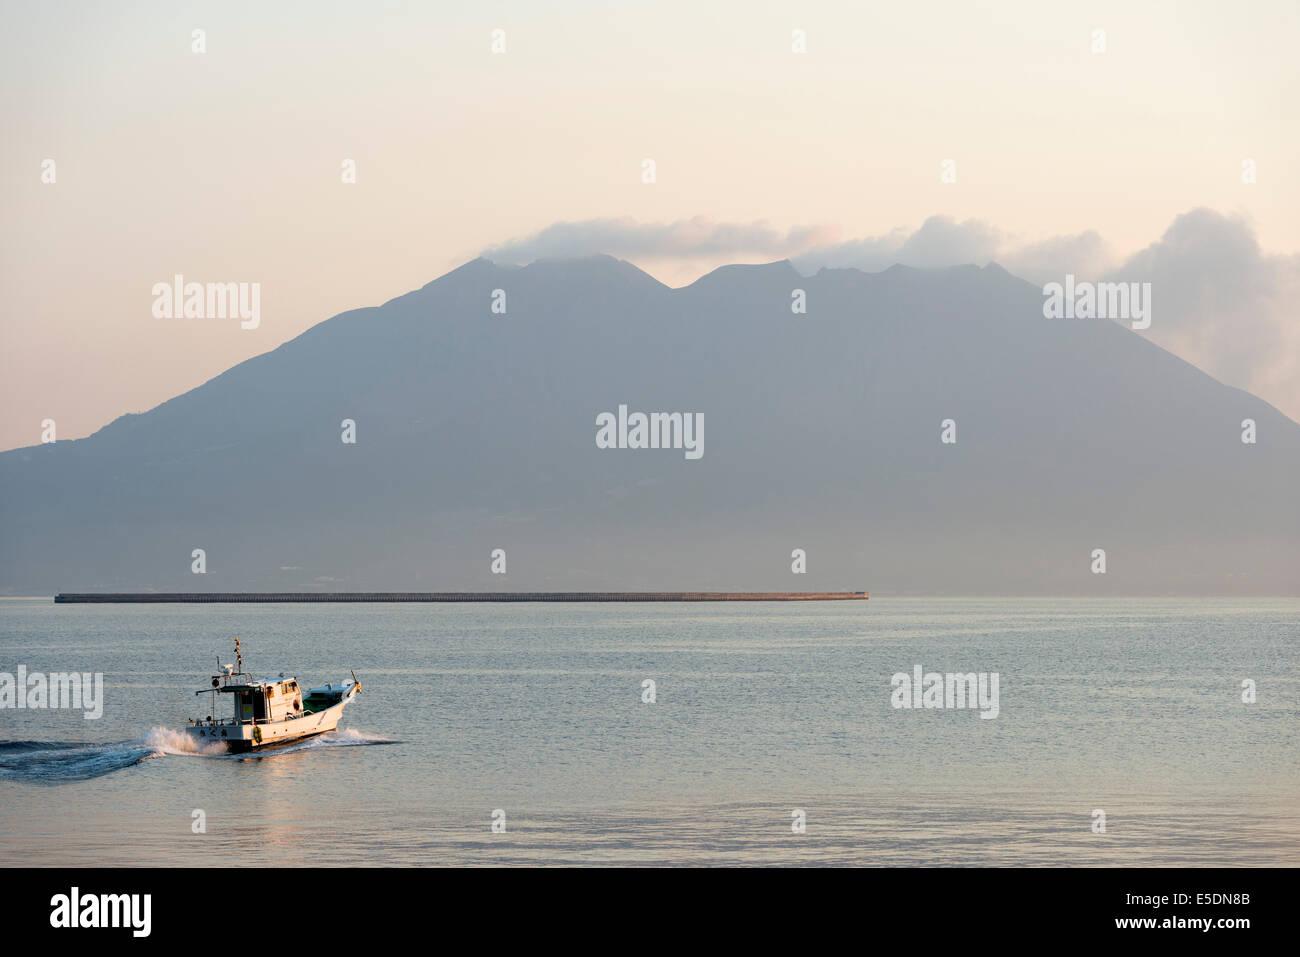 Asia, Japan, Kyushu, Kagoshima, Sakurajima volcano - Stock Image